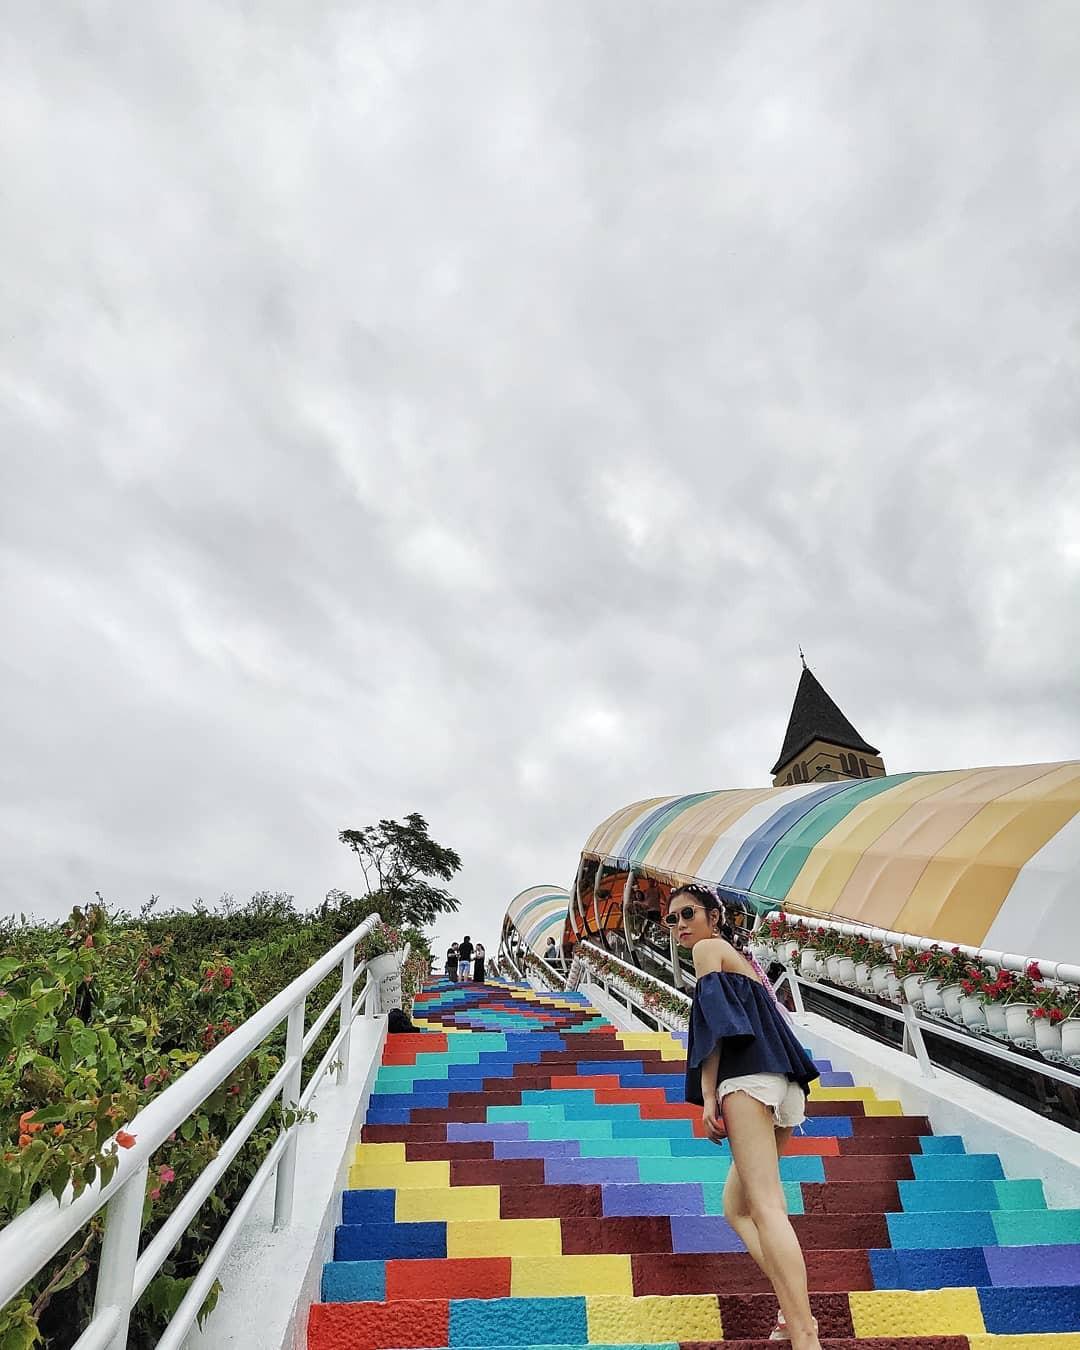 Phát hiện Nấc thang cầu vồng chụp ảnh siêu ảo diệu ở Nha Trang - Ảnh 5.